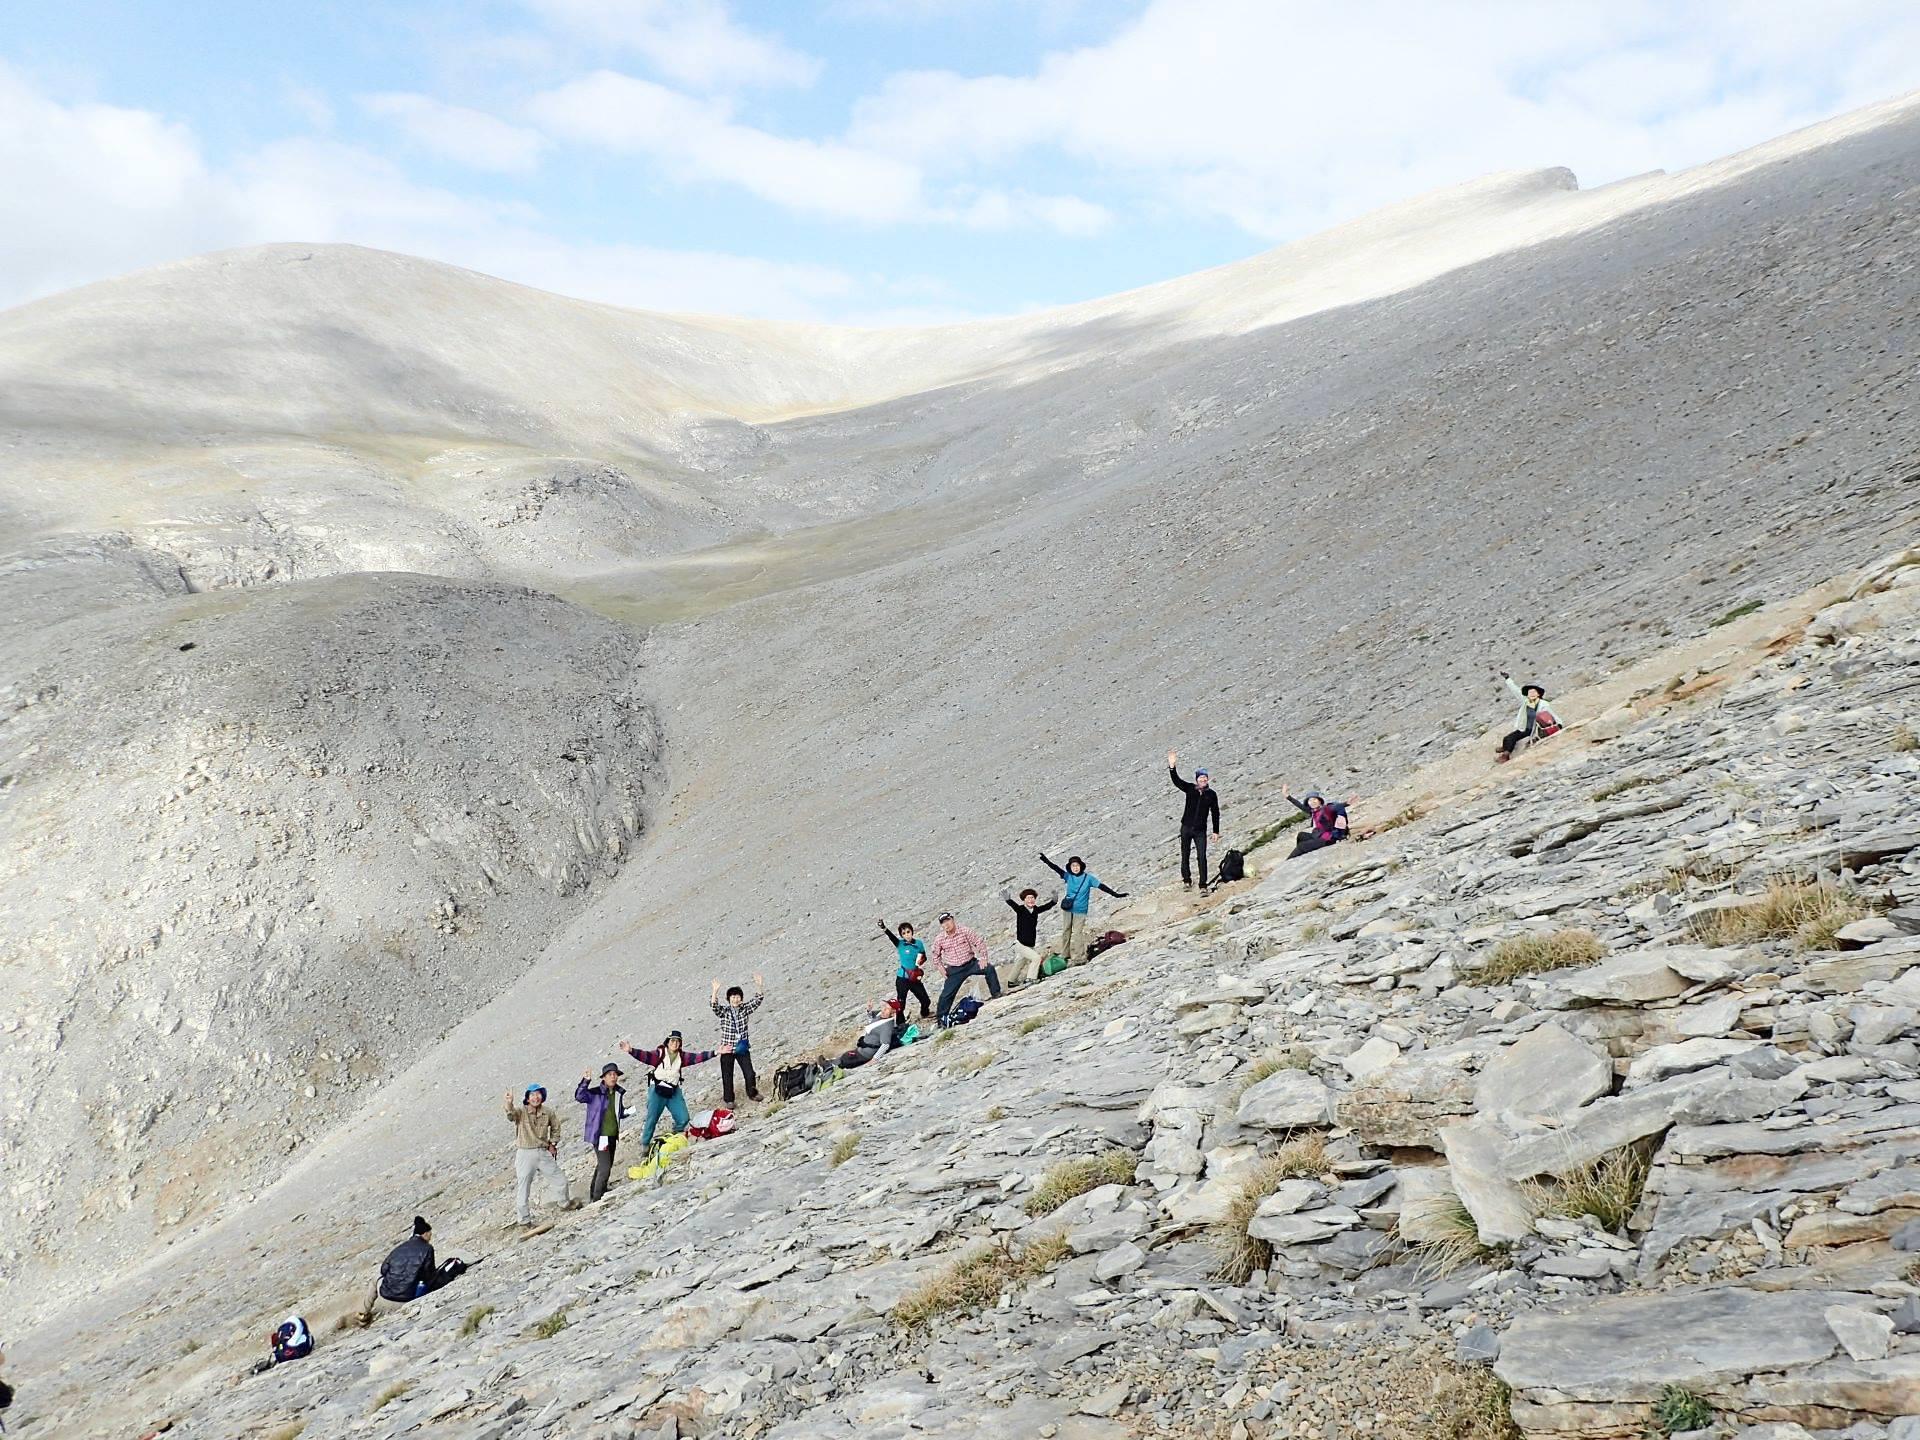 ギリシャ最高峰のピークのひとつスコーリオ・ピークへ(6日目)